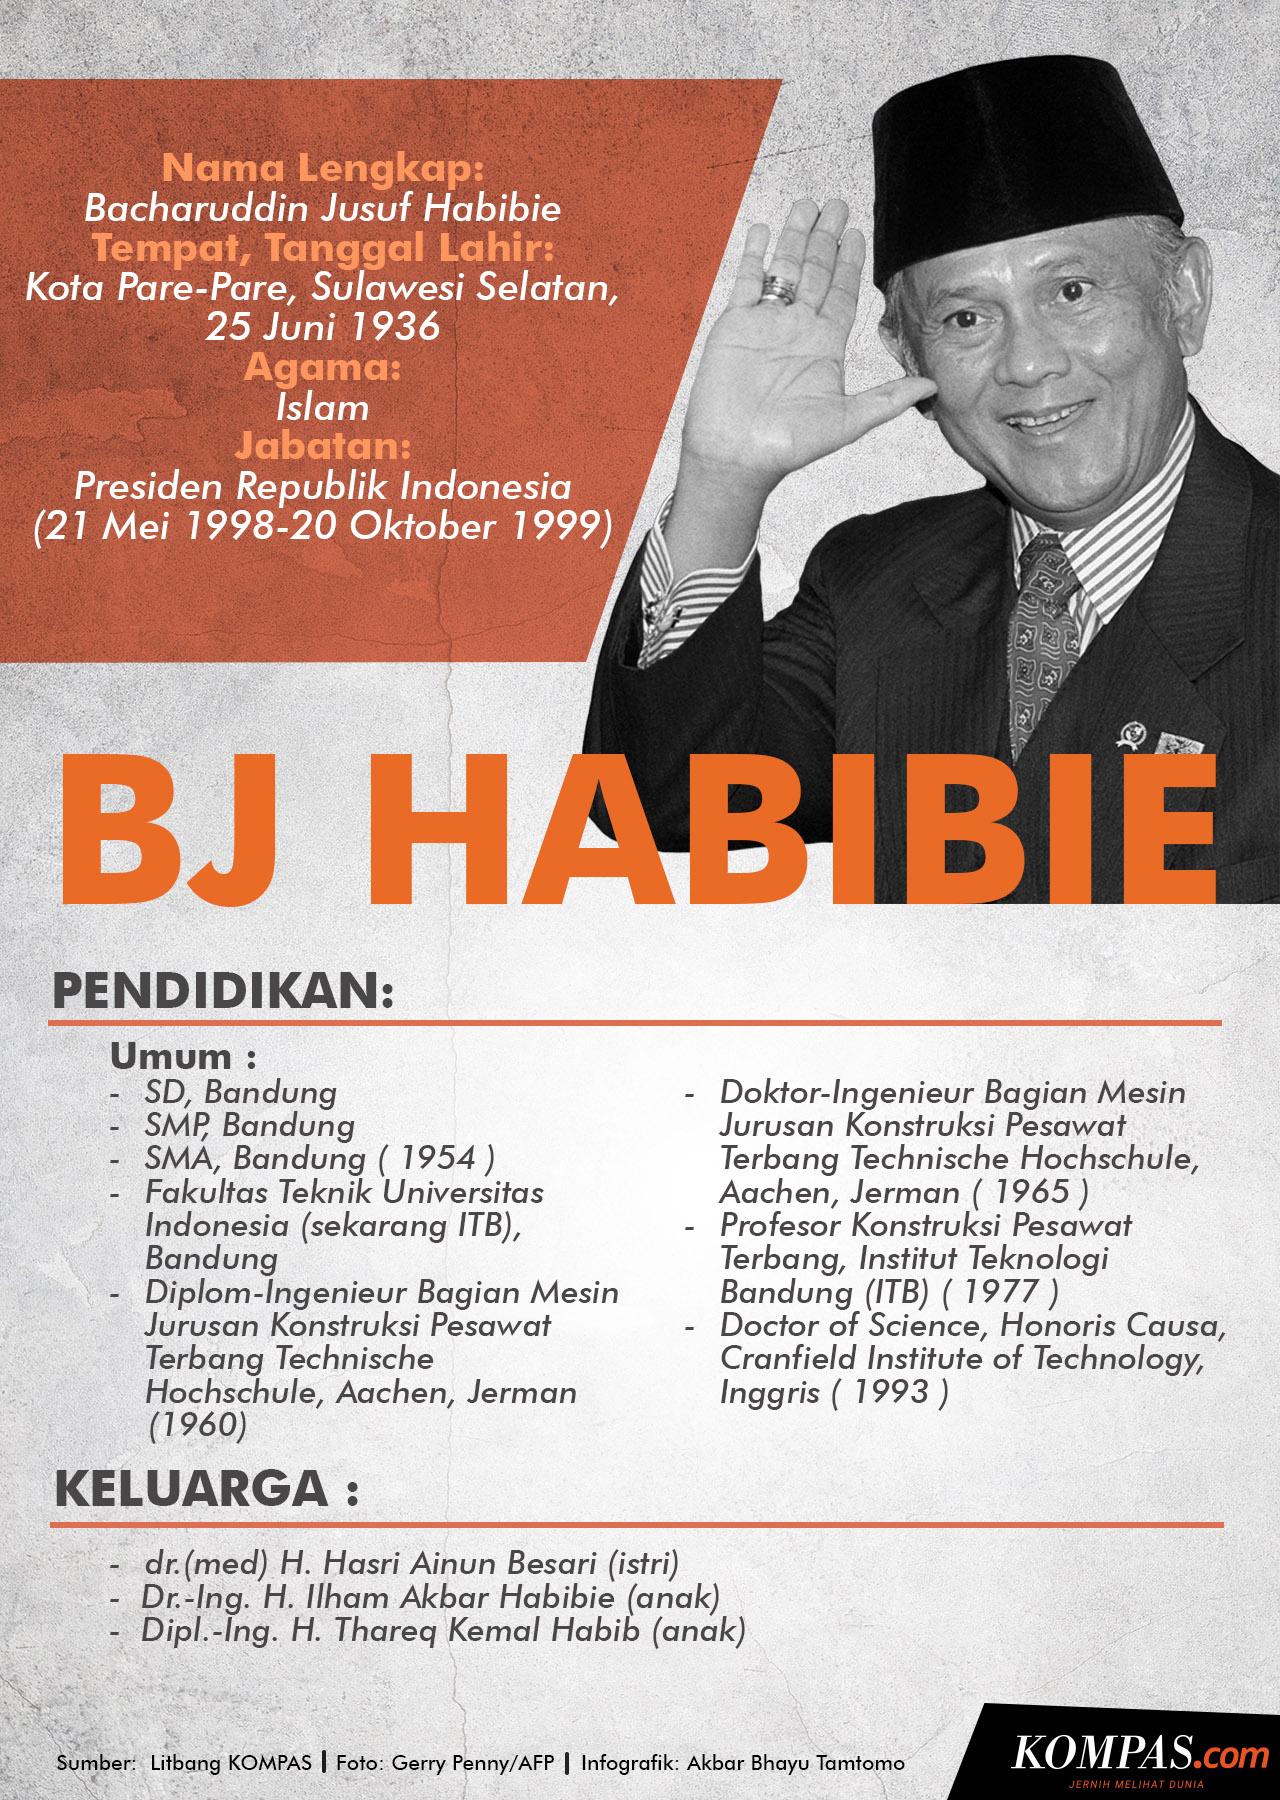 Selamat Ulang Tahun Pak Habibie